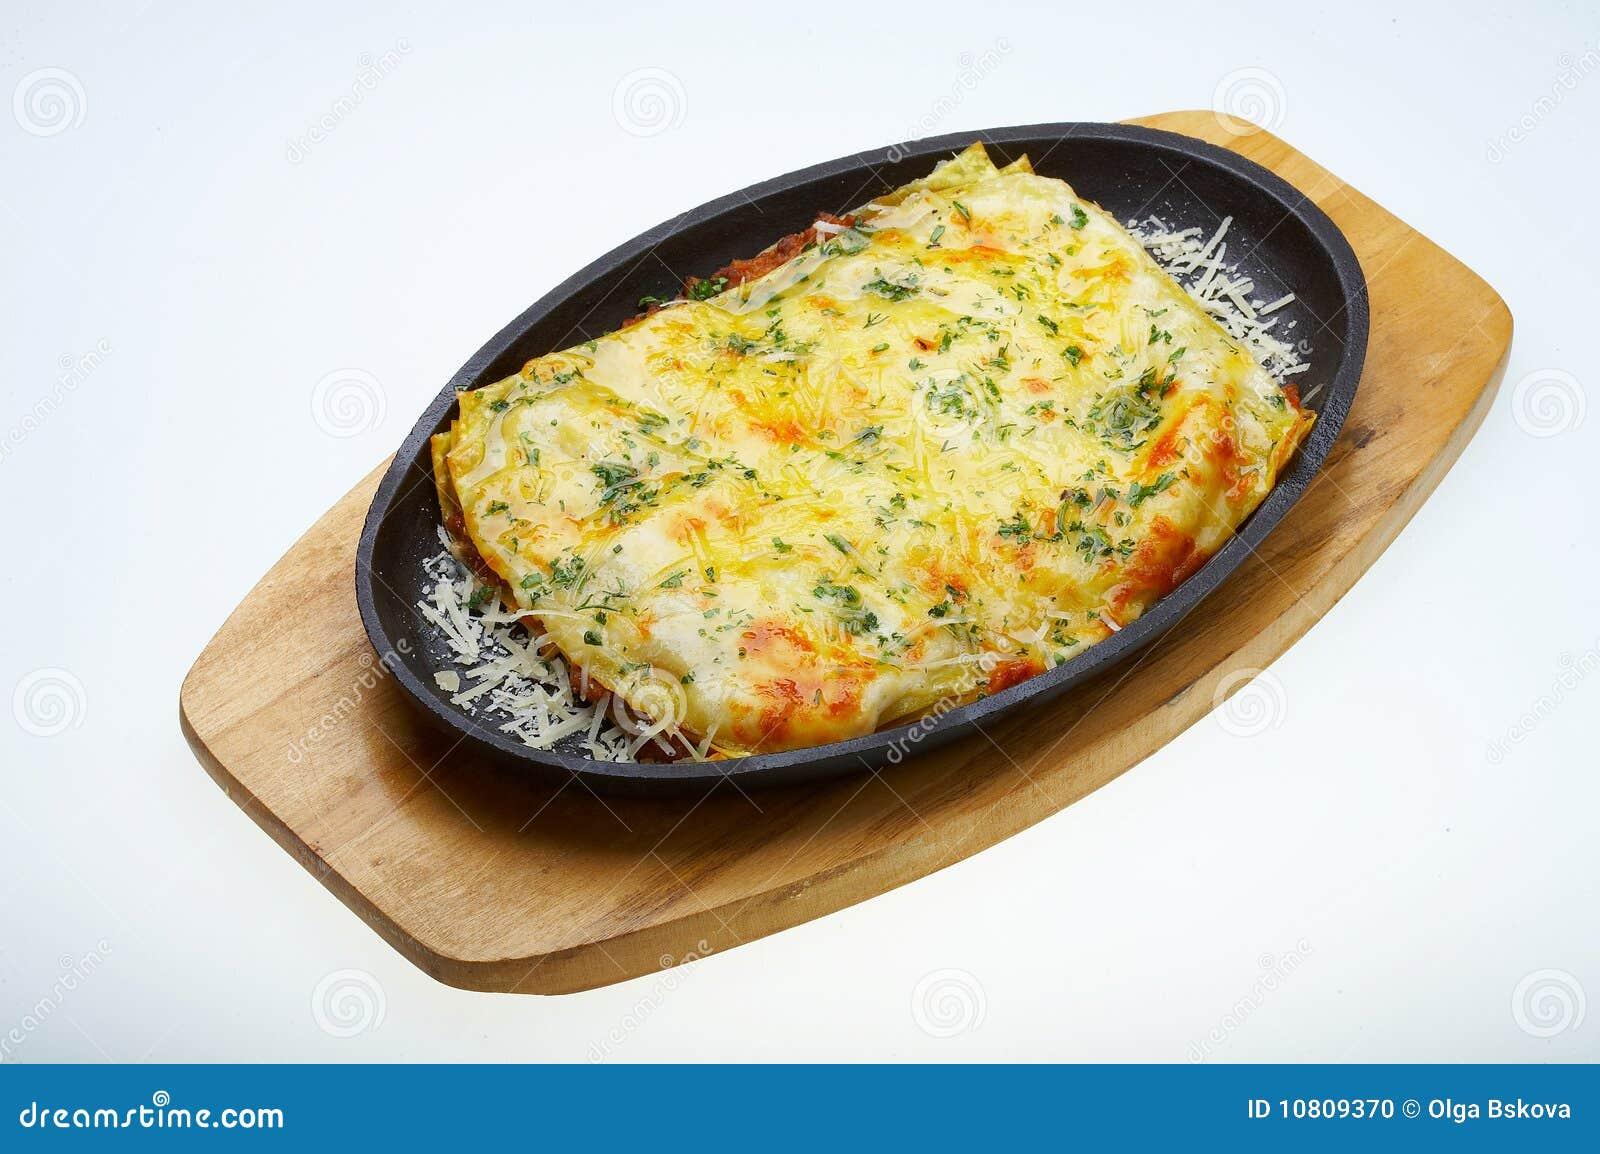 Lasagna italiano bolognese